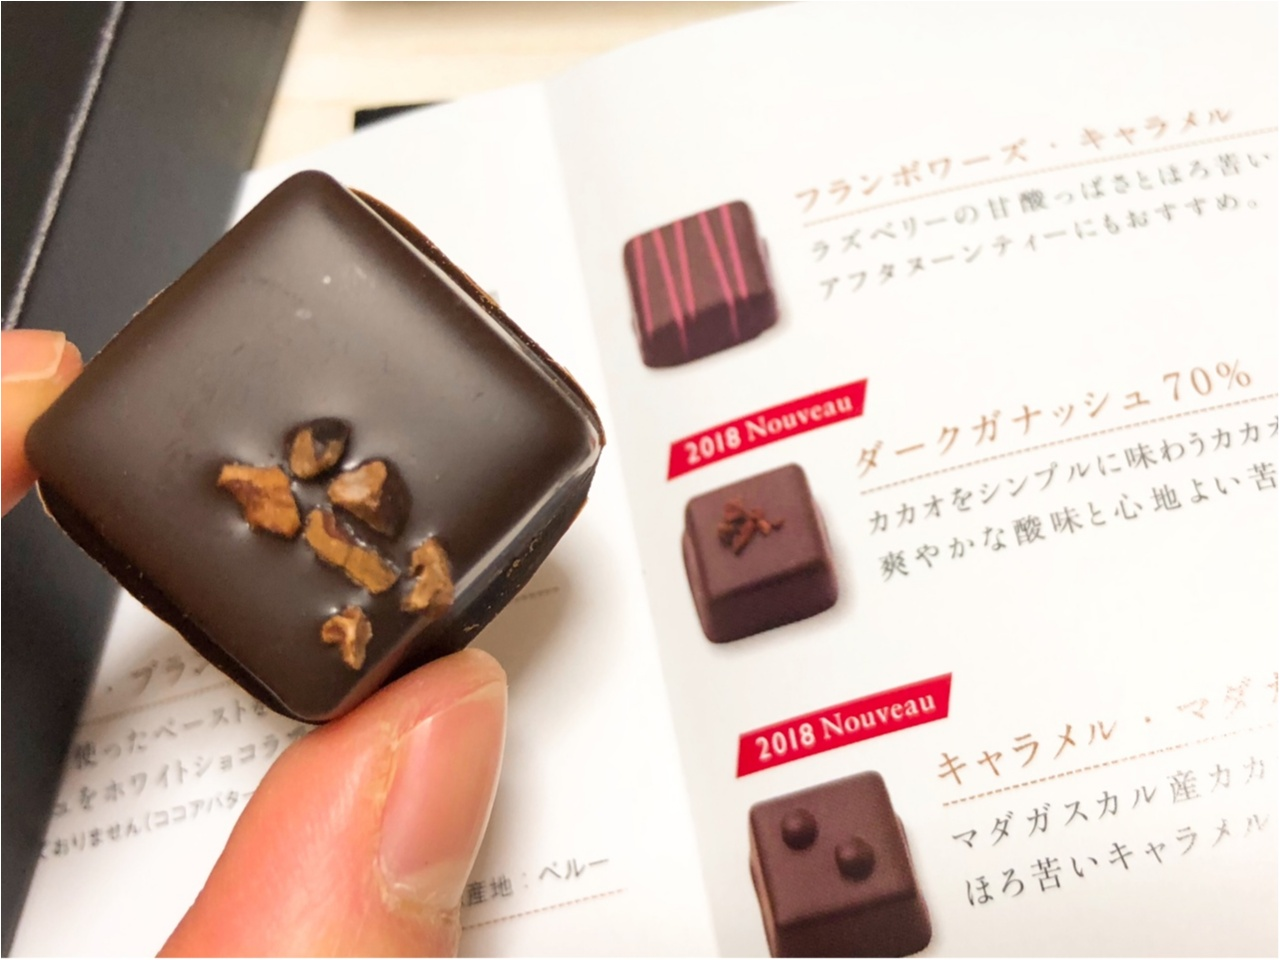 【バレンタイン2018】今年の自分用チョコはオーガニックのやさしさ、カカオの原産地にこだわった『ジャン=ミッシェル・モルトロー』のショコラで!!_3